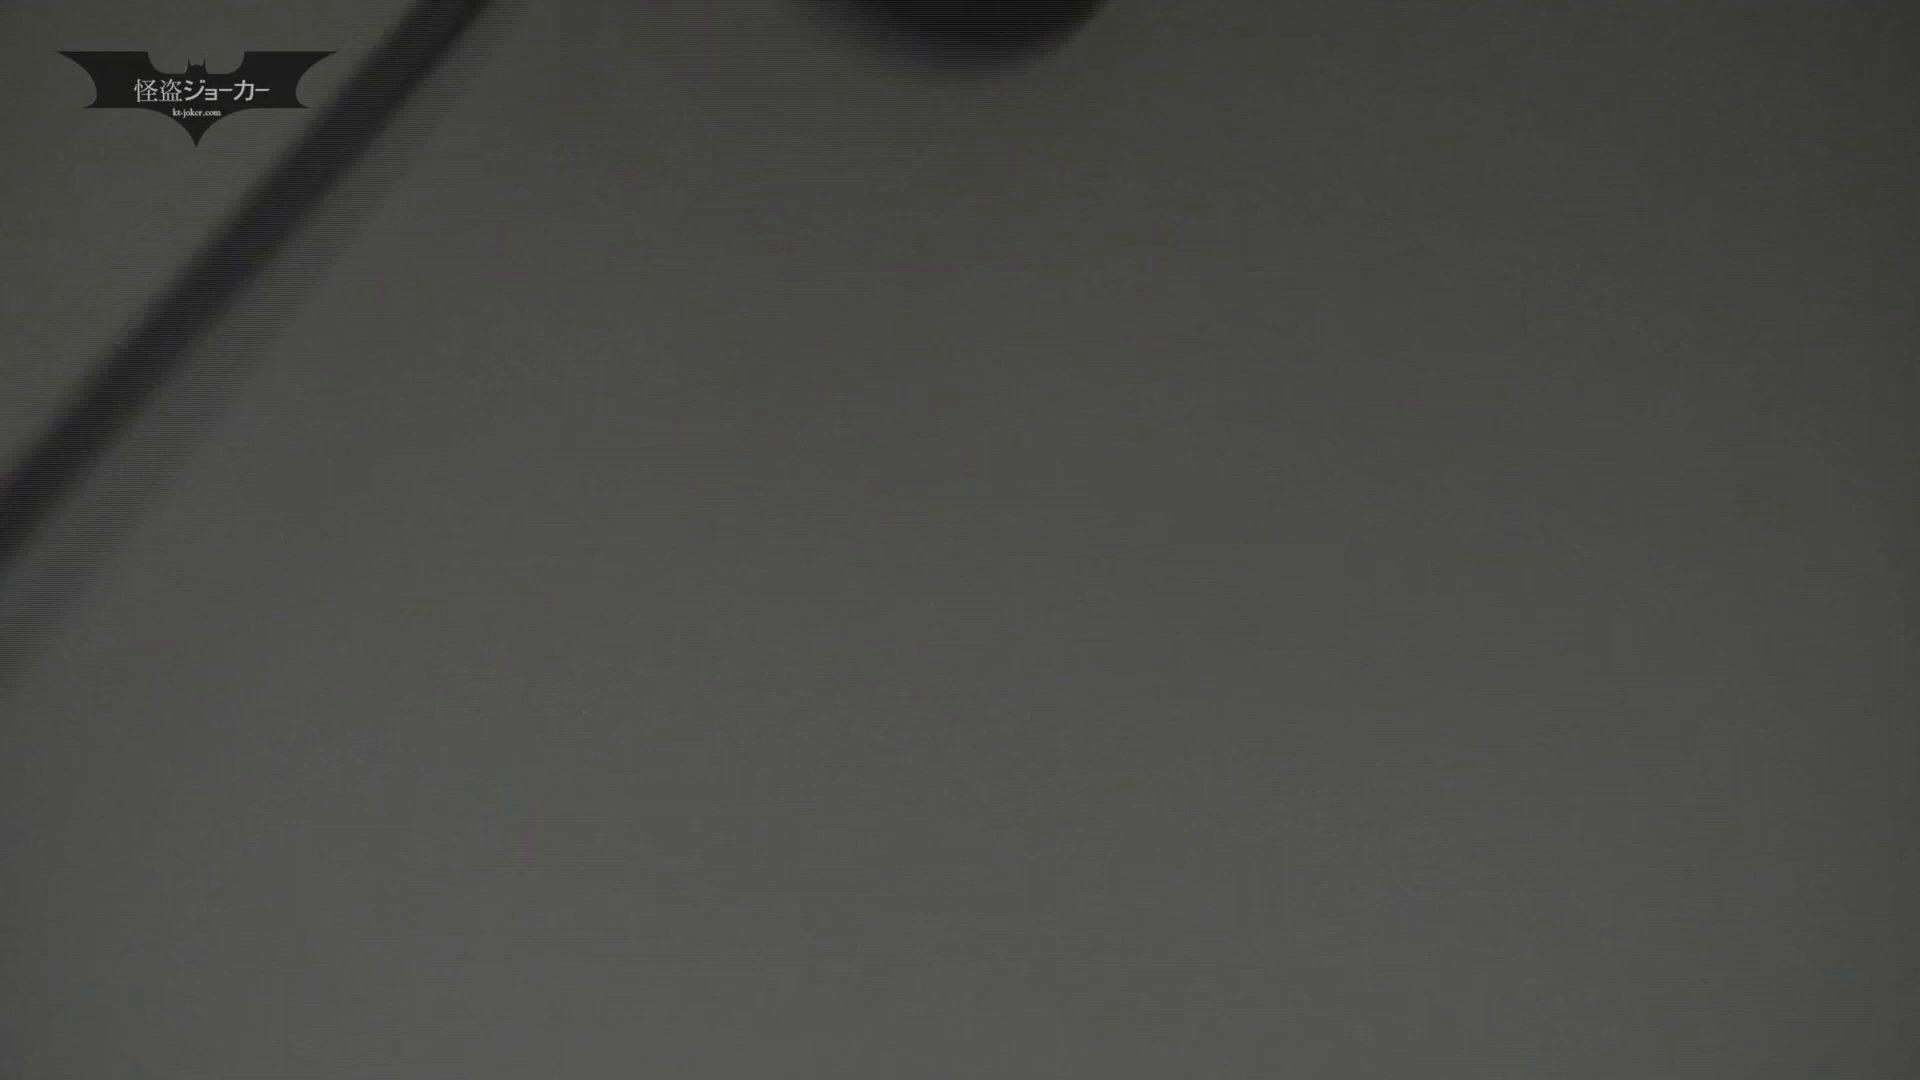 潜入!!台湾名門女学院 Vol.11 三尻同時狩り OLの実態 隠し撮りすけべAV動画紹介 87pic 14